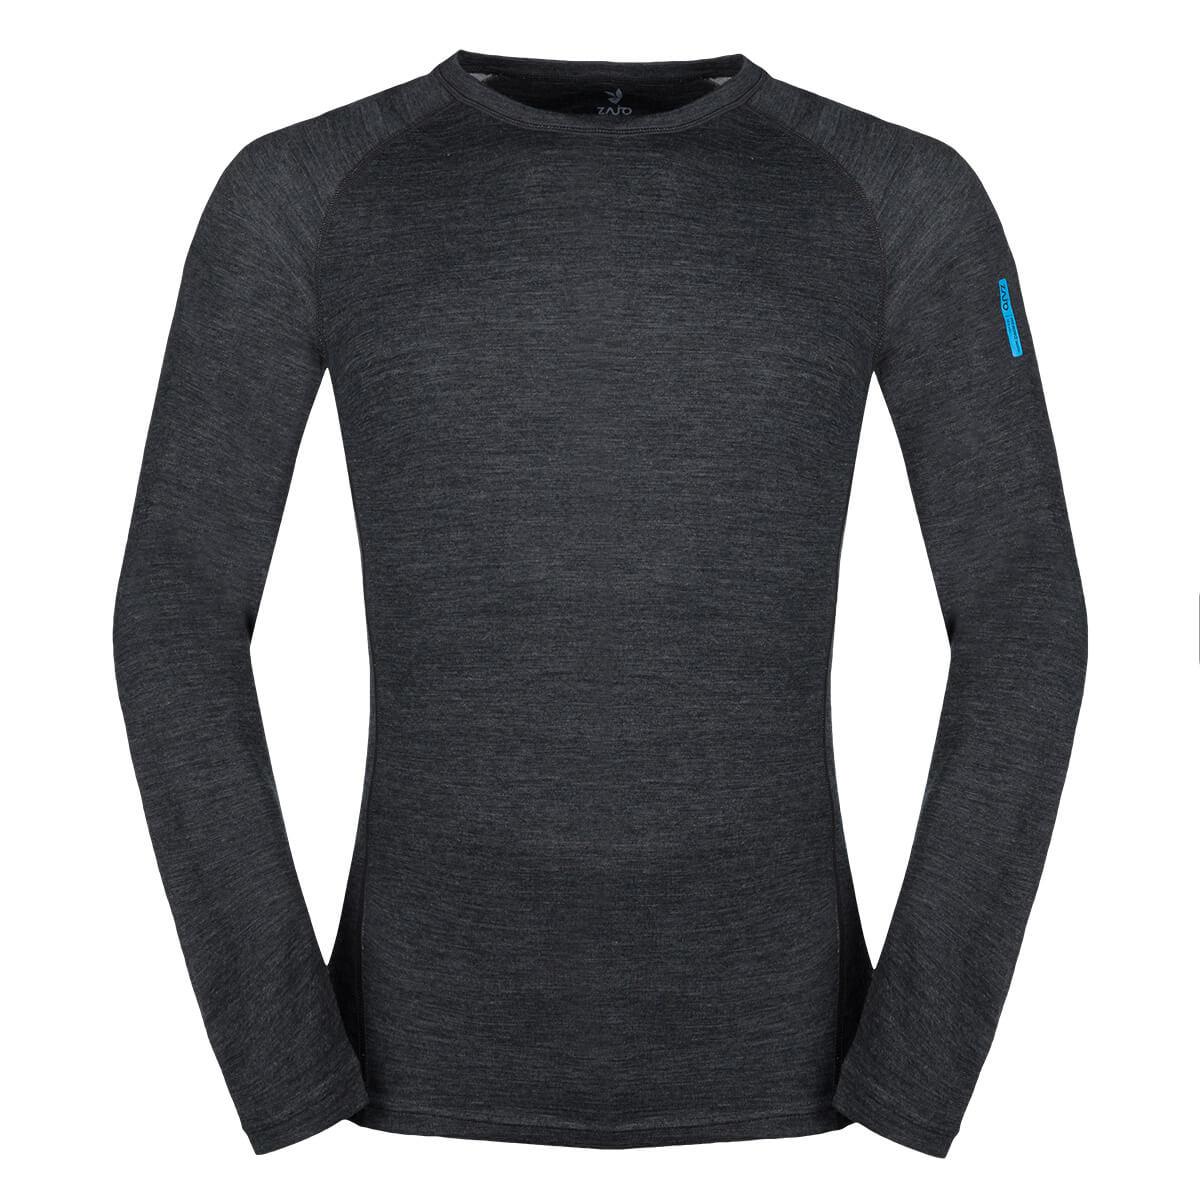 a048f7850 ZAJO Bergen Merino T-shirt LS Black Pánske tričko - veľkosť L